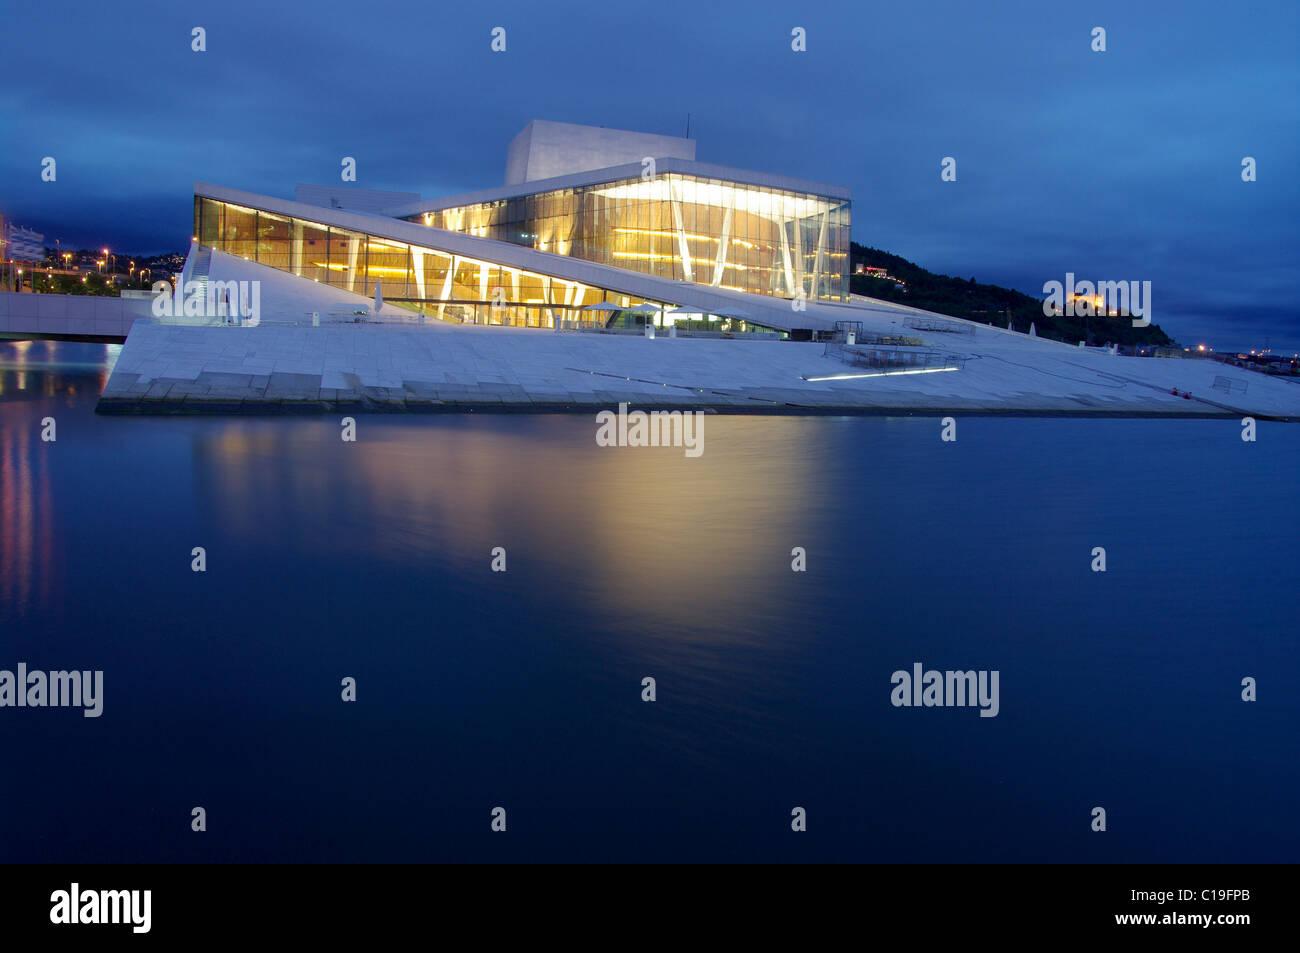 Oslo Opera House (Operahuset). Oslo, Norway - Stock Image